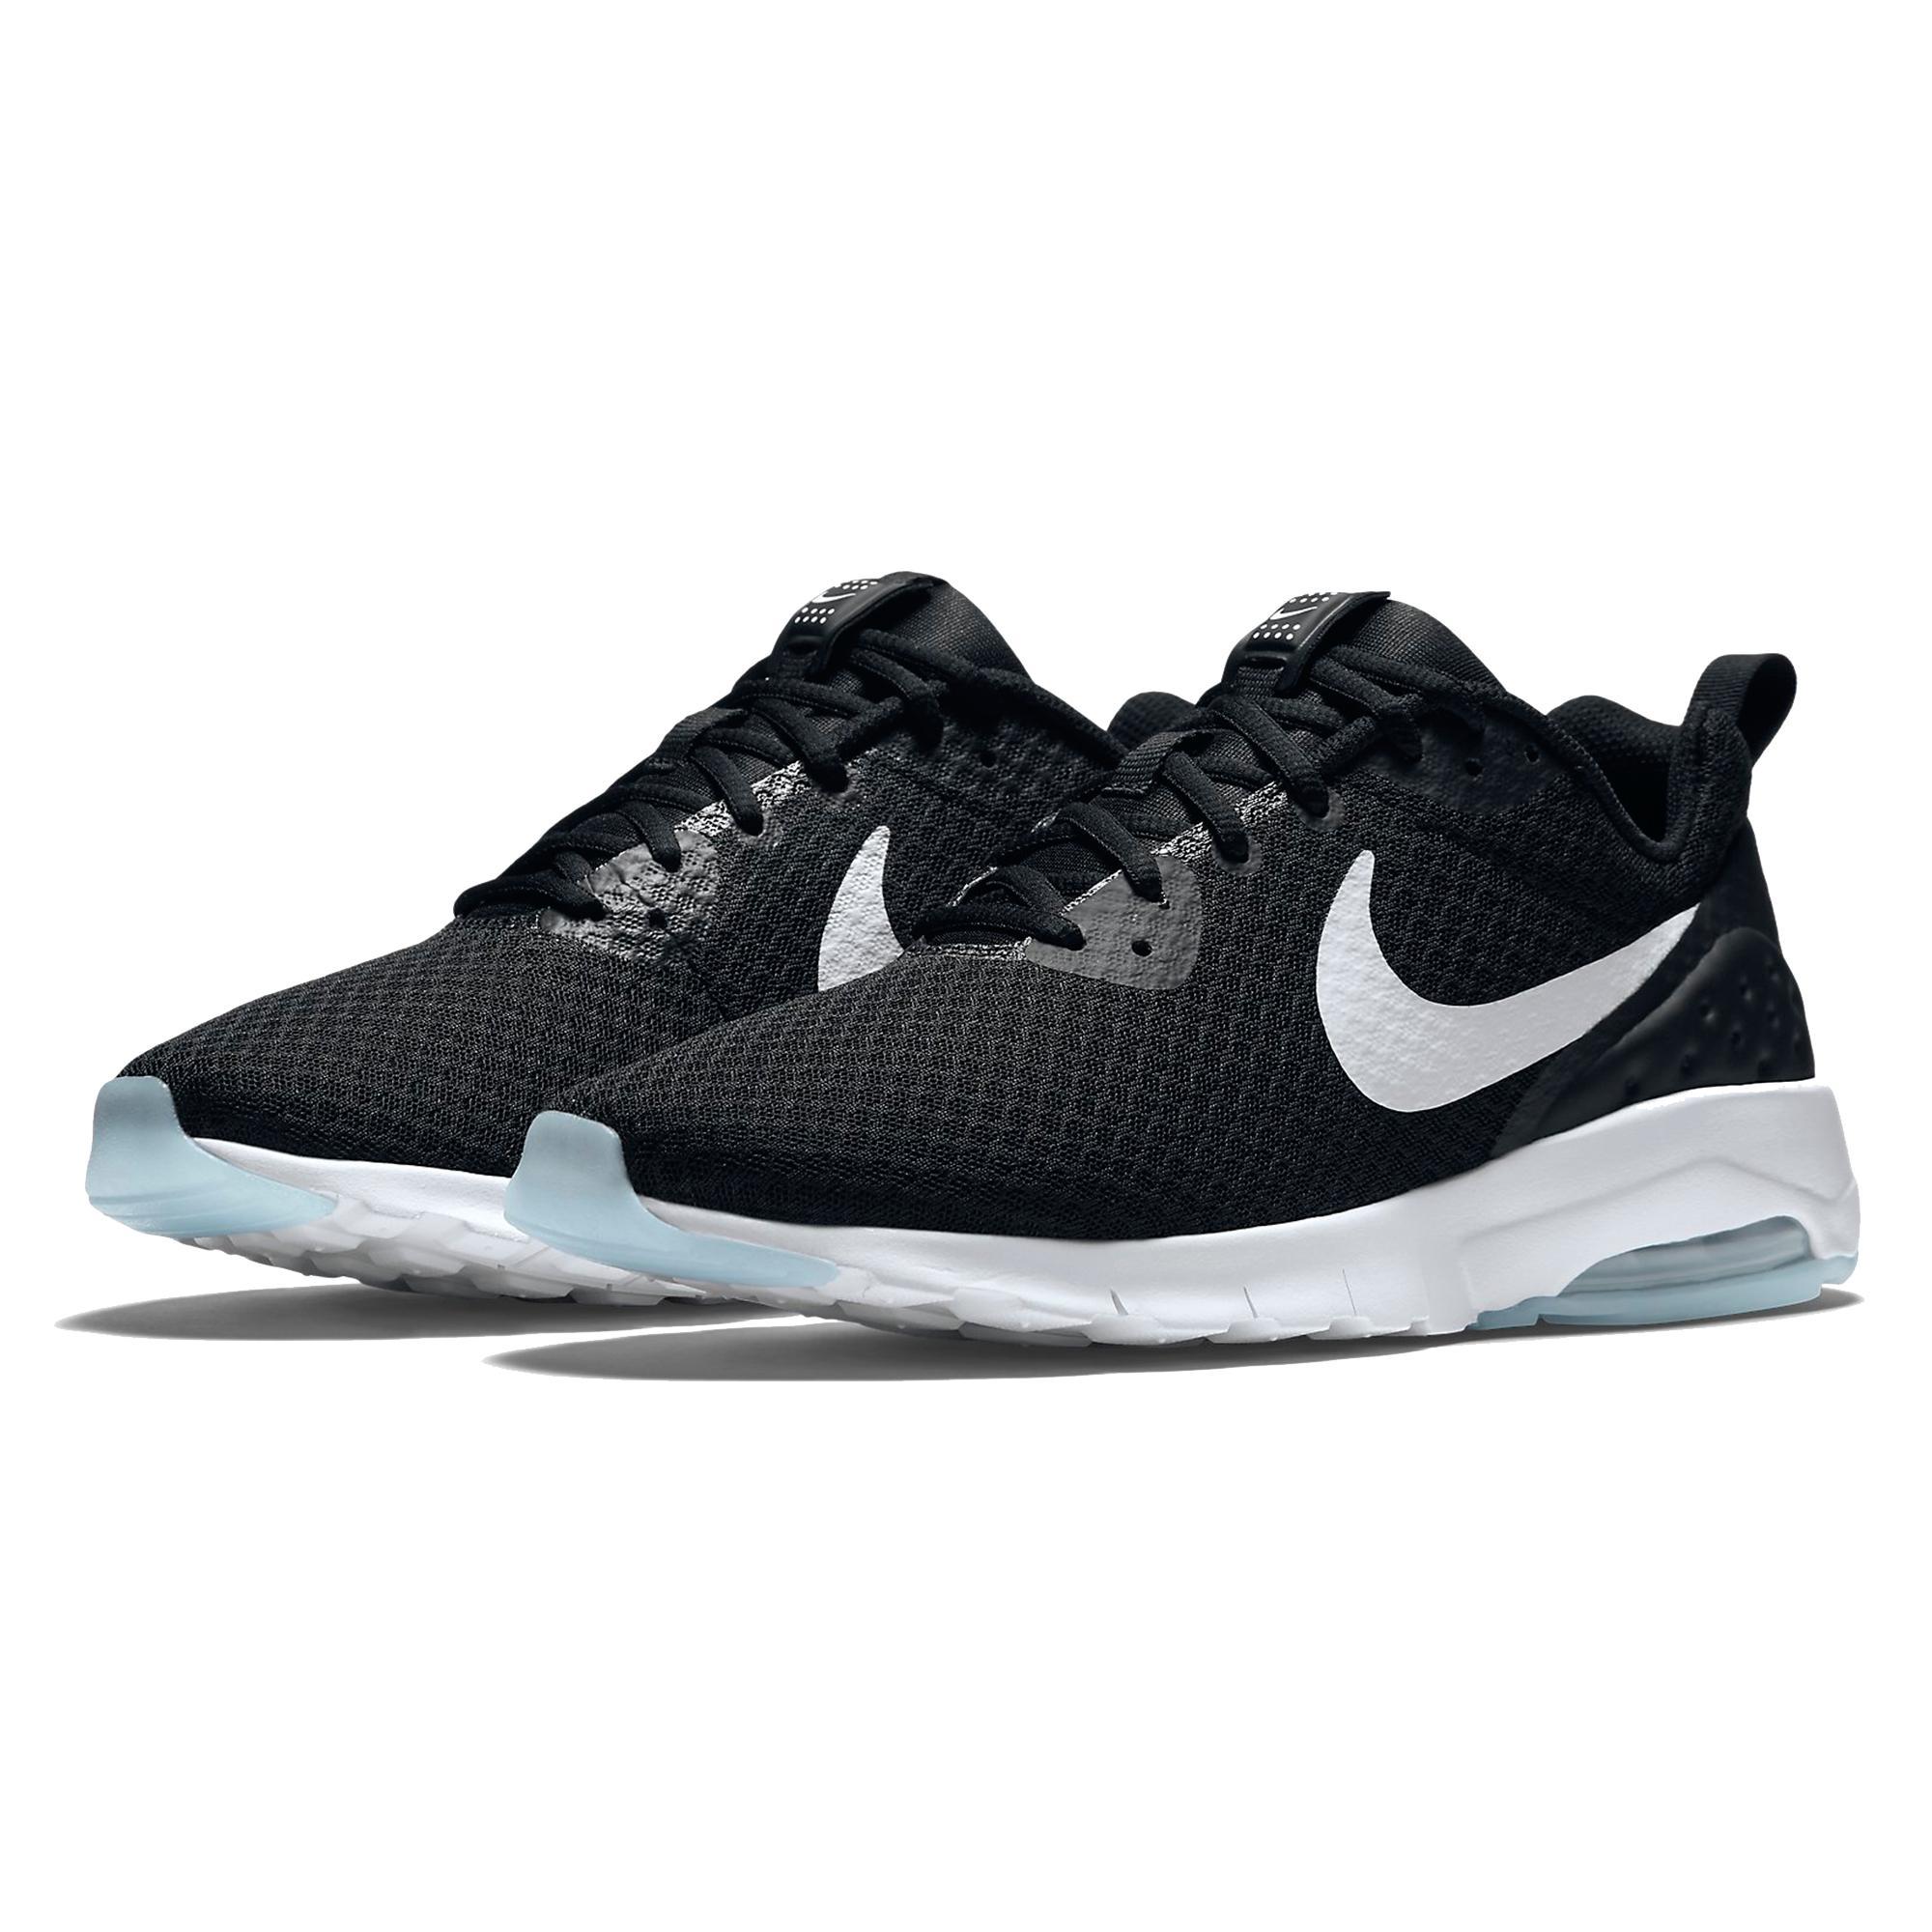 best sneakers 91672 d9a87 Nike Air Max Motion Lw Erkek Spor Ayakkabı